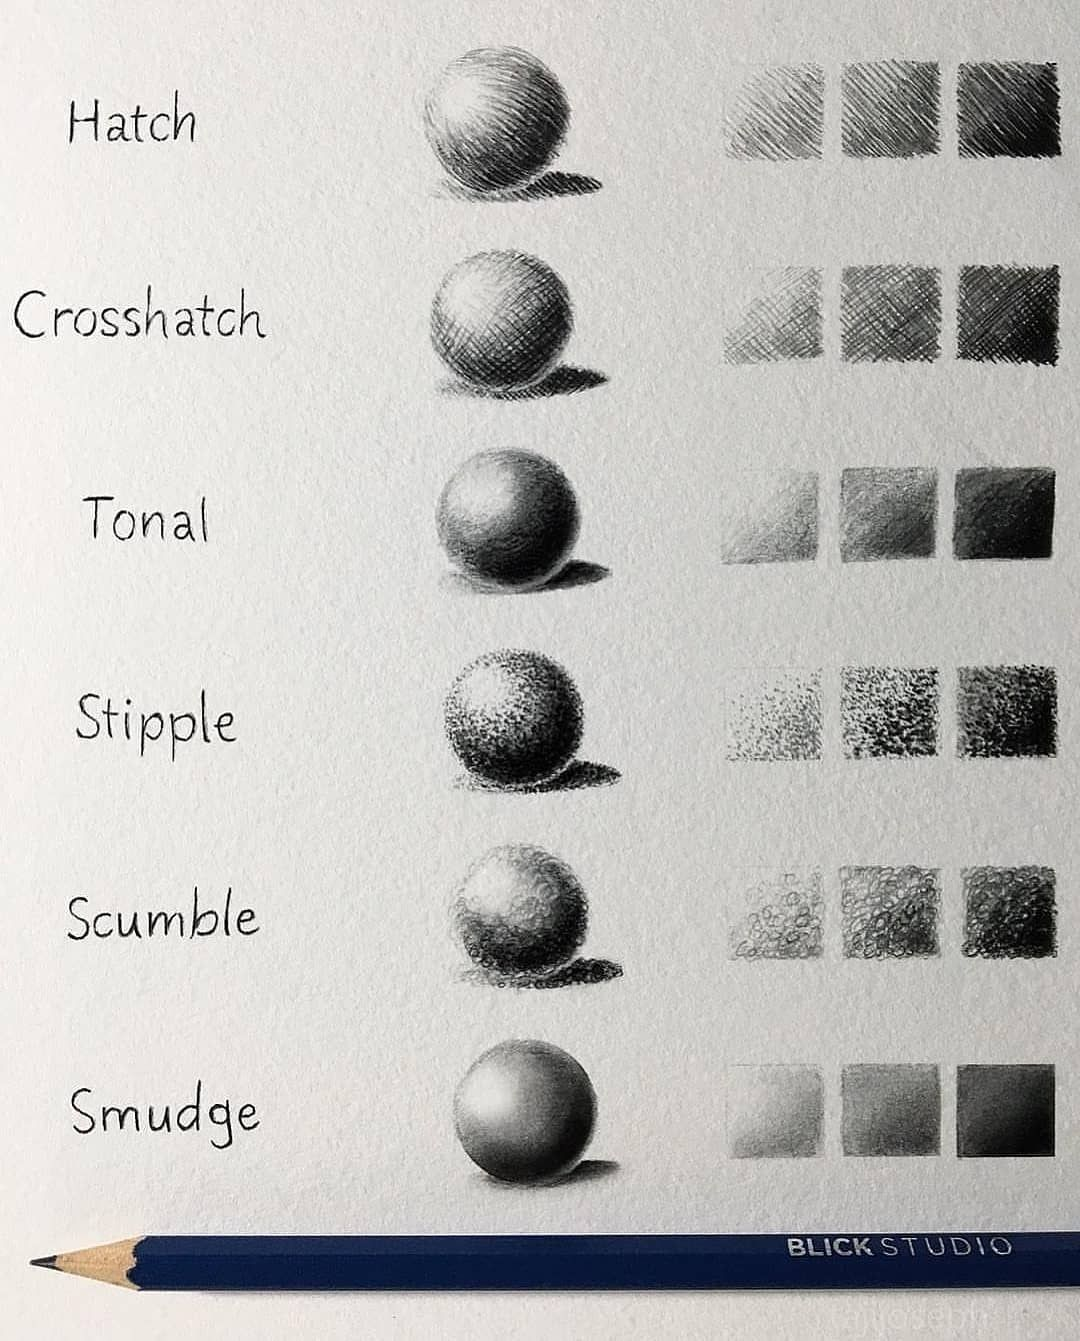 Pencil Shading Techniques Art By Nbsp Nbsp Tajijoseph Nbsp Nbsp Follow Nbsp Luz Y Sombra Dibujo Dibujos De Ojos Técnicas De Sombreado